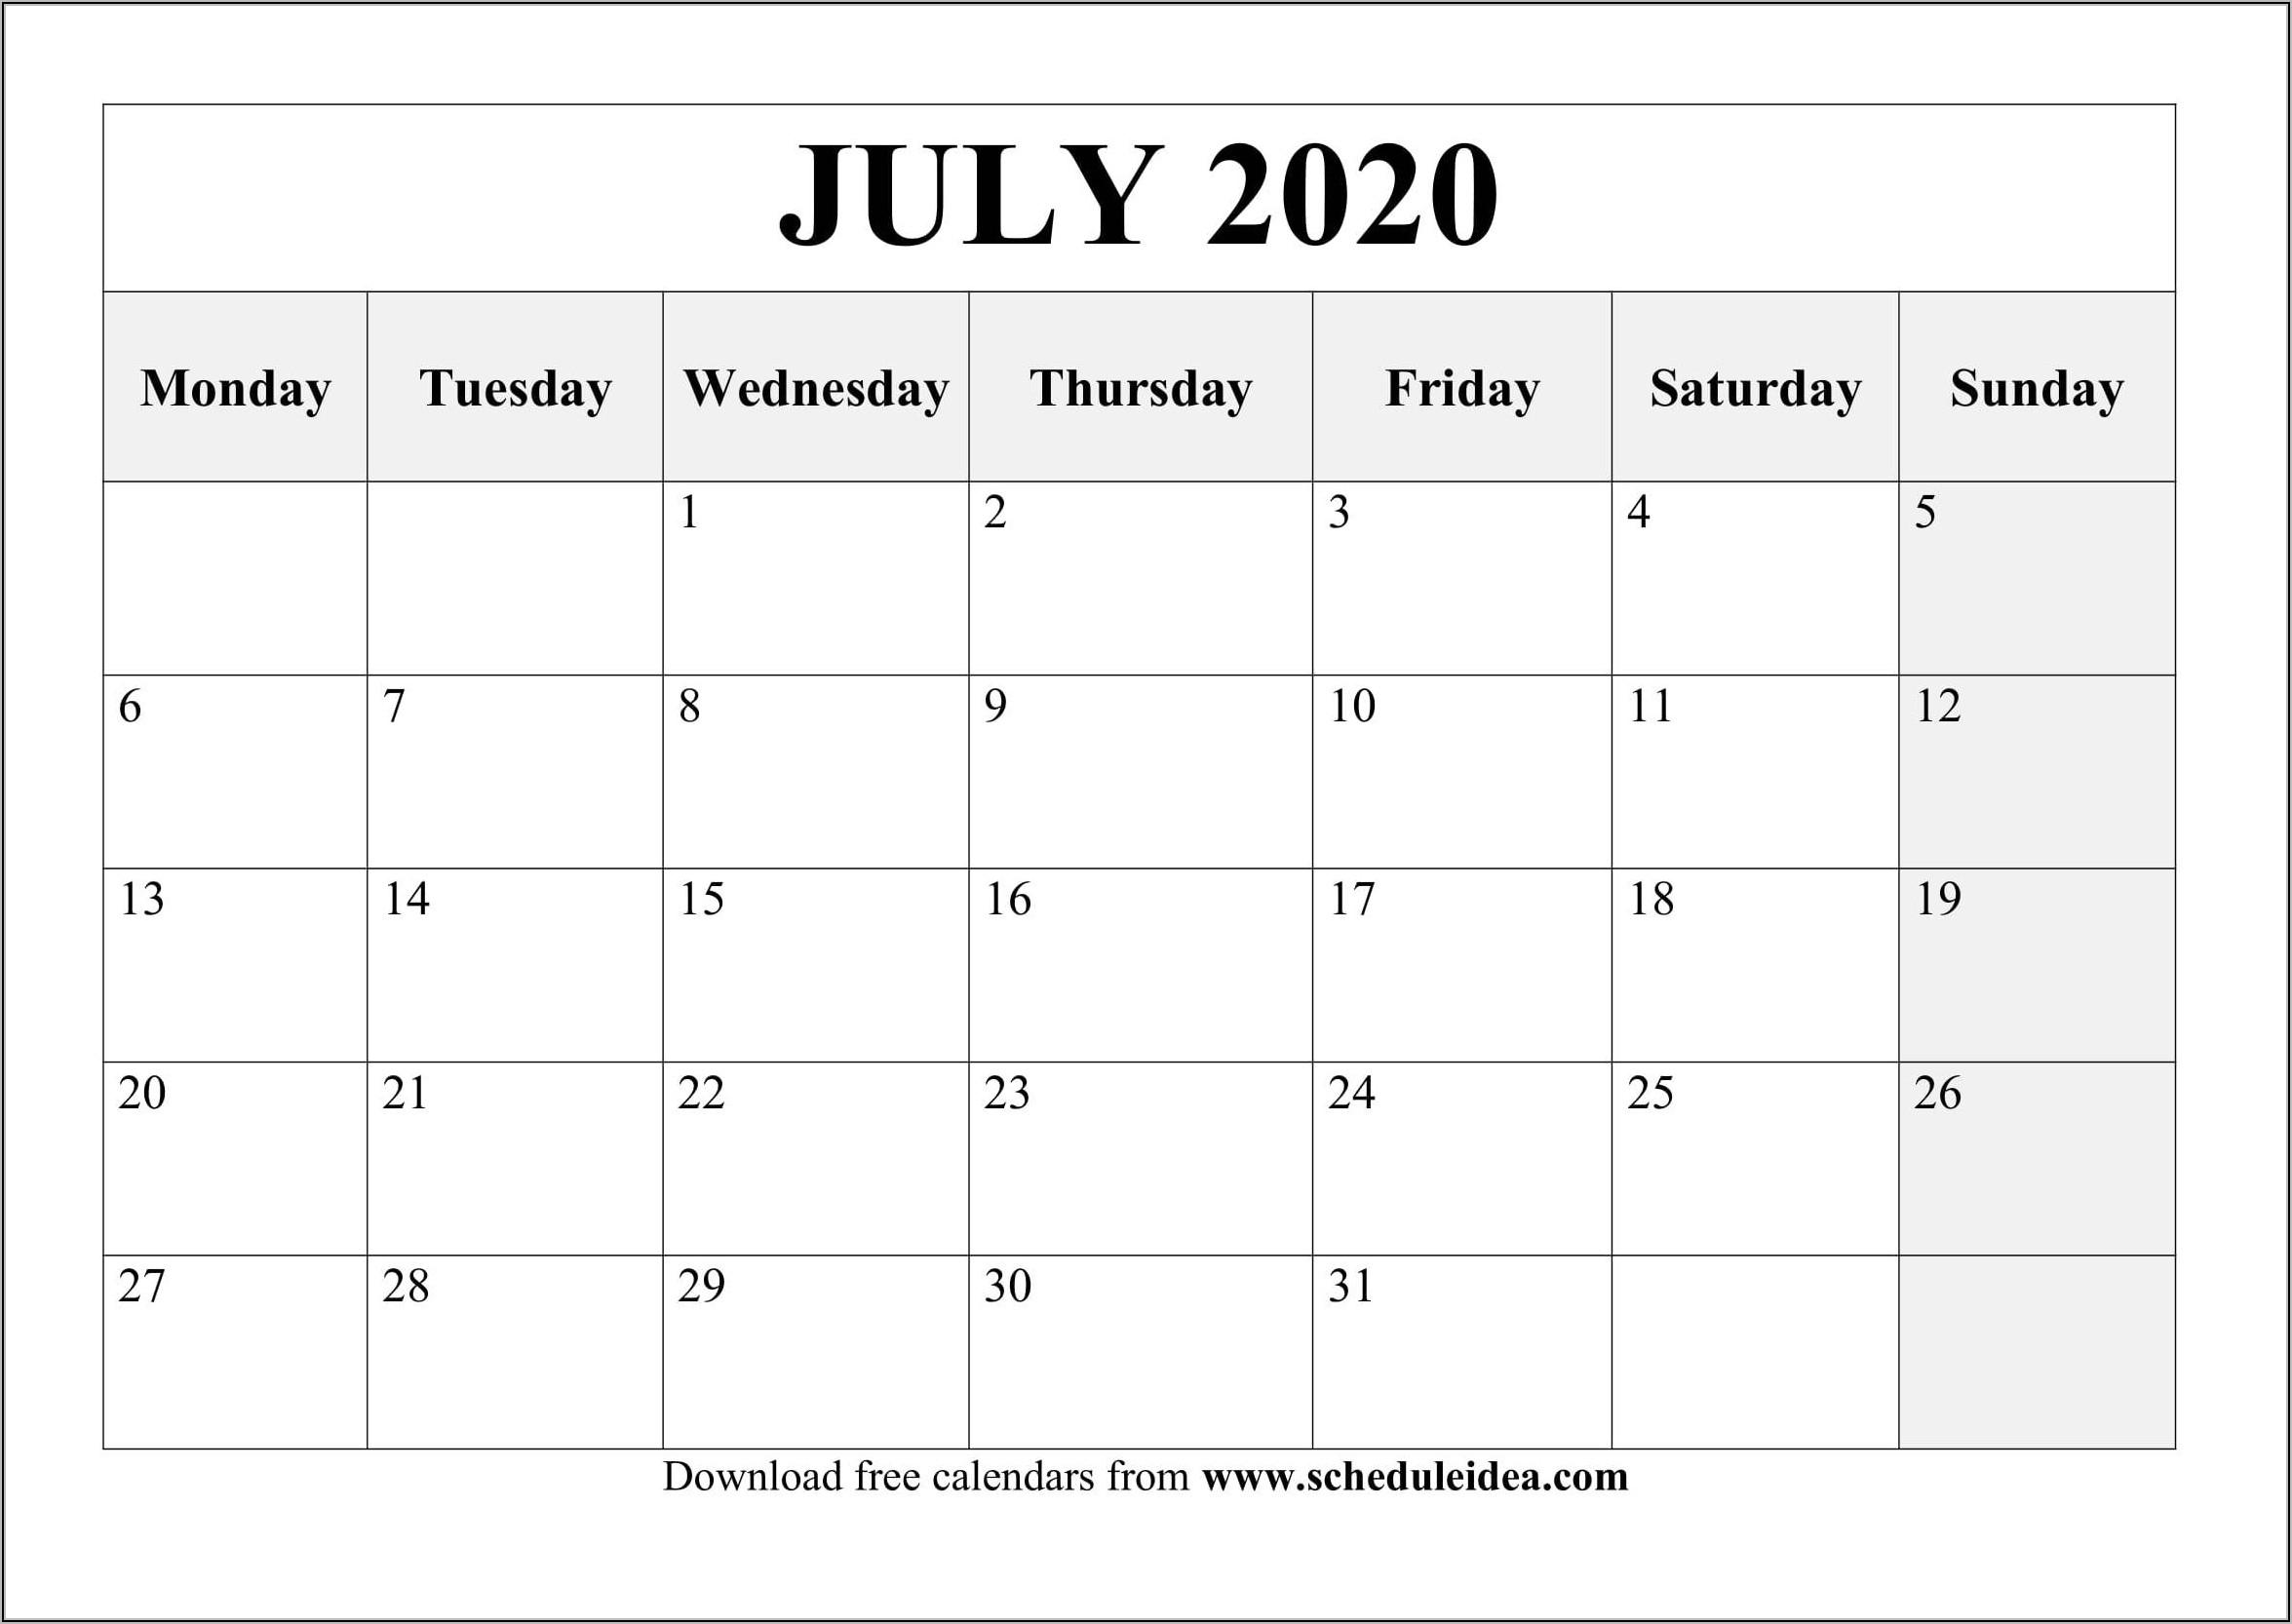 Calendar Planner Template Free